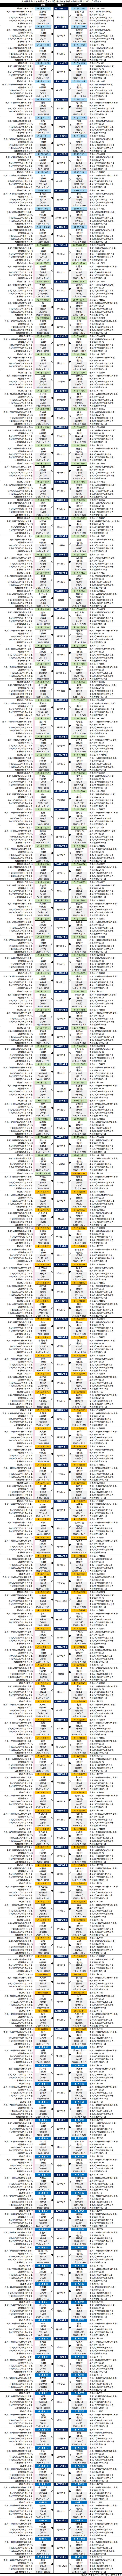 大相撲・2020年1月場所3日目・幕下以下の取組結果